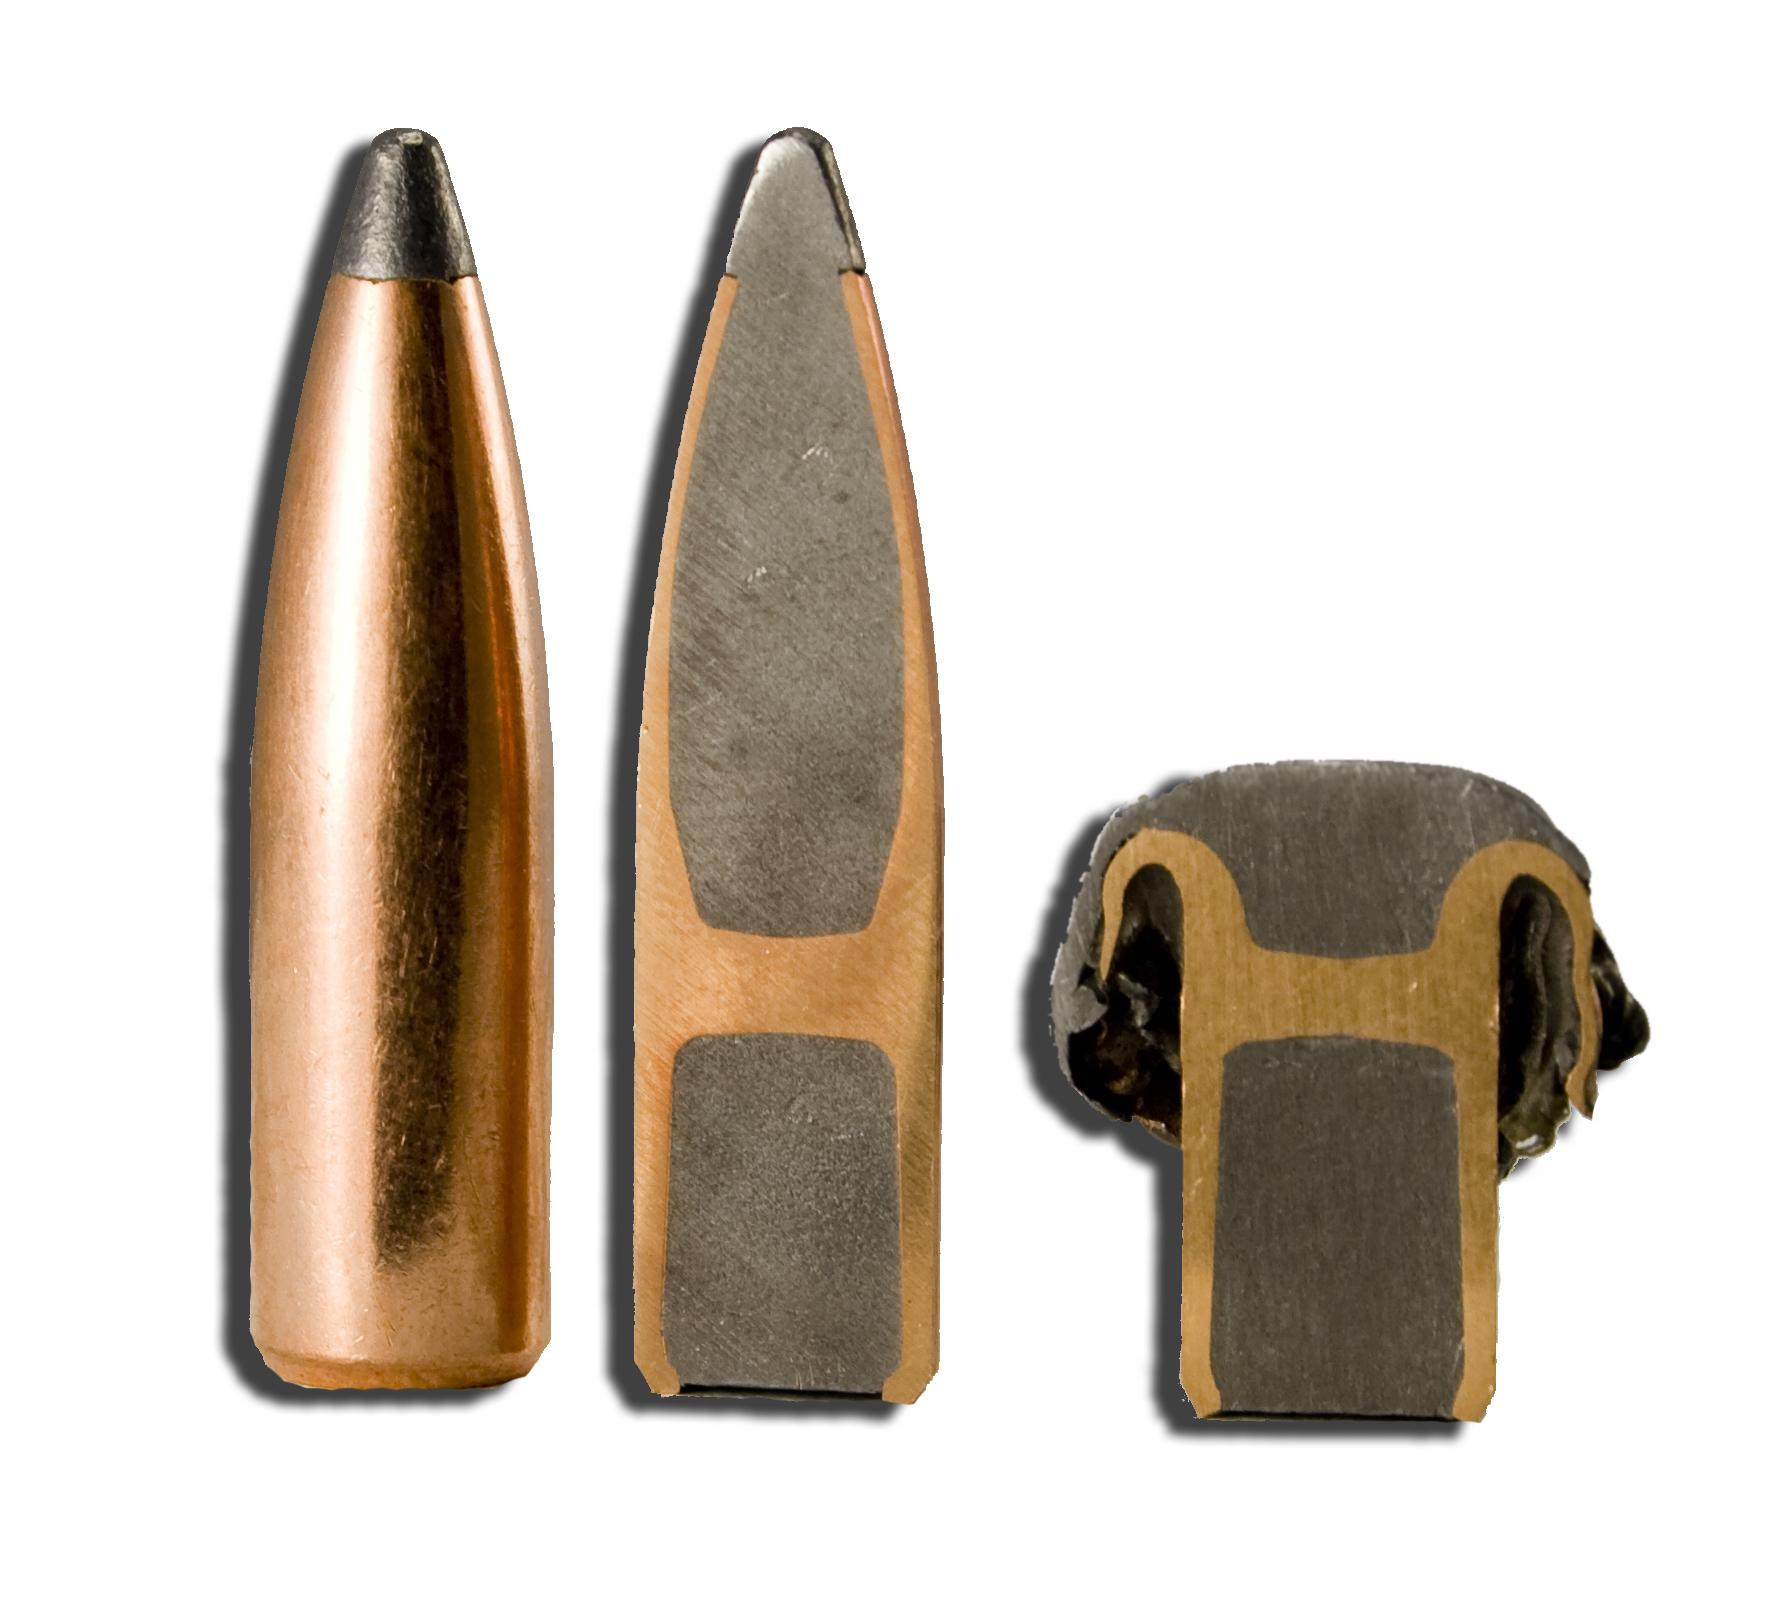 Nosler bullet heads